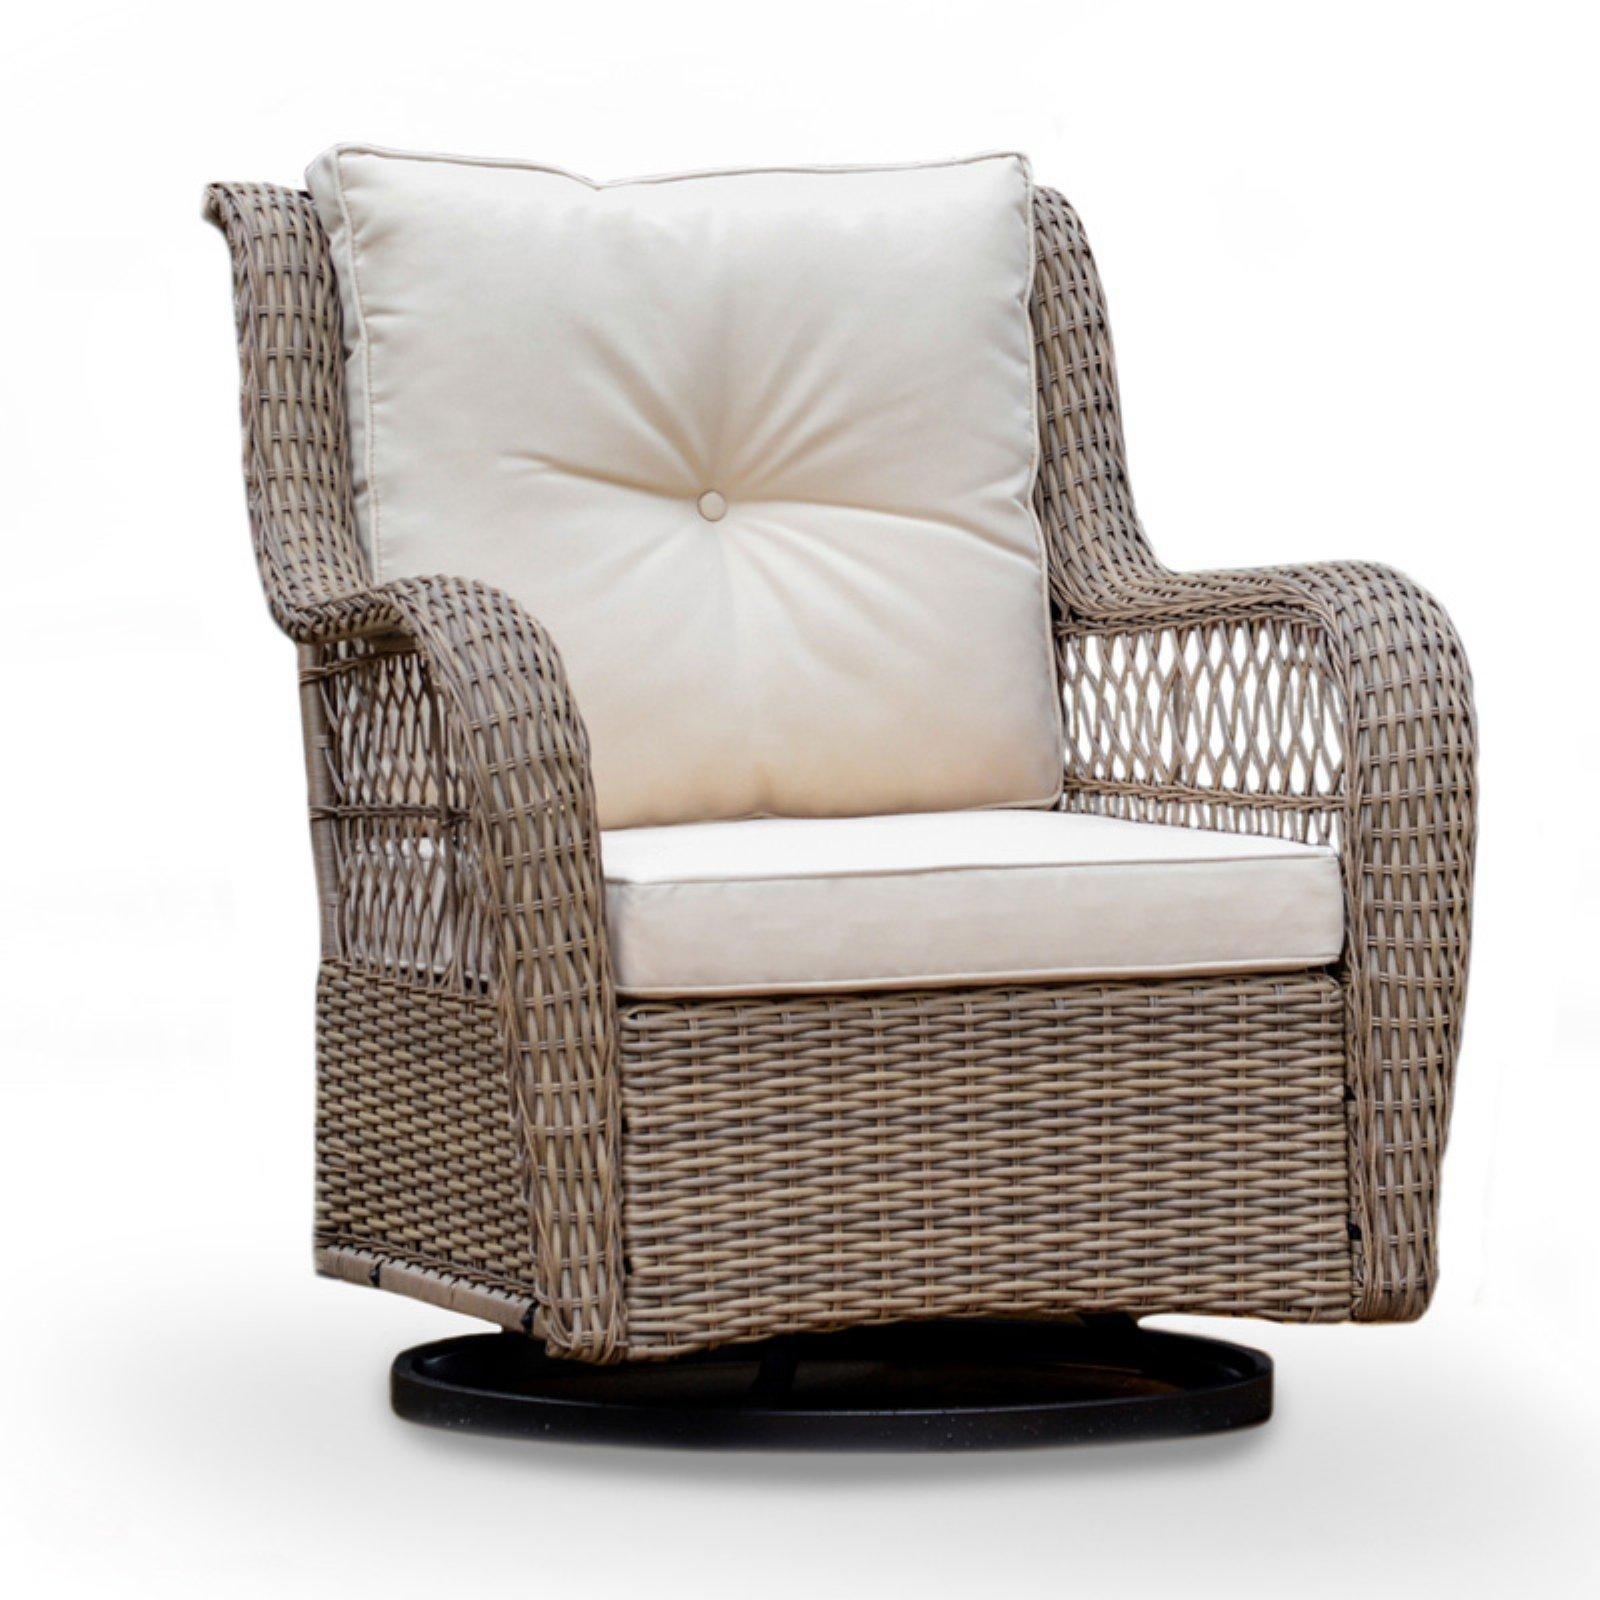 Tortuga Outdoor Rio Vista Swivel Glider Chair - Beige